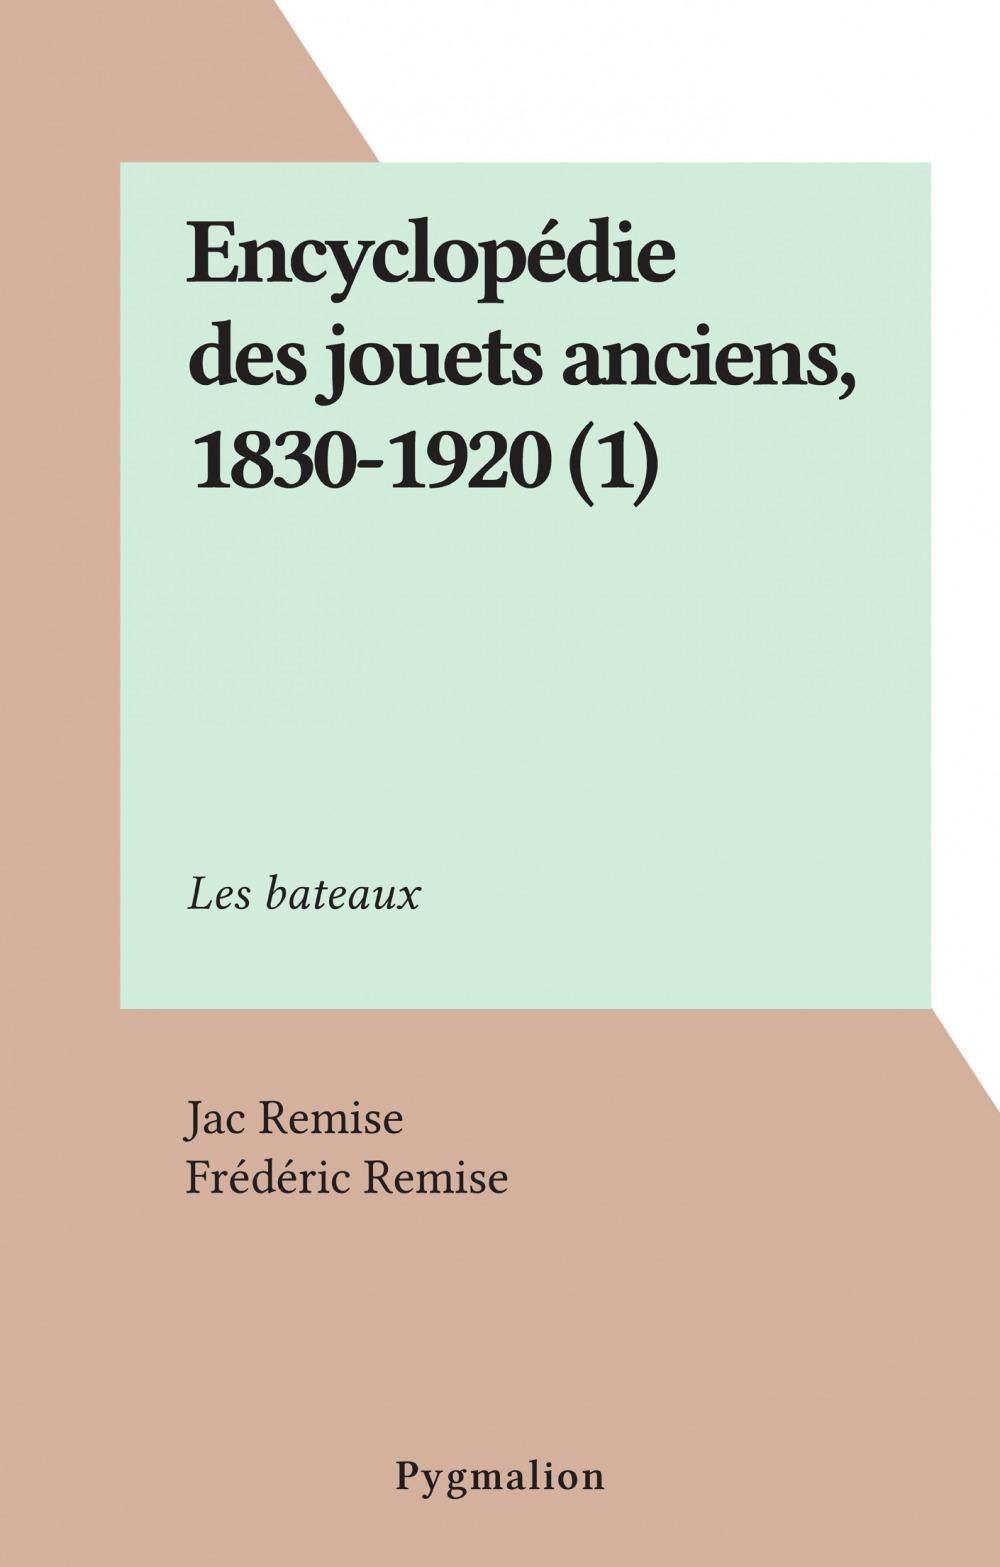 Encyclopédie des jouets anciens, 1830-1920 (1)